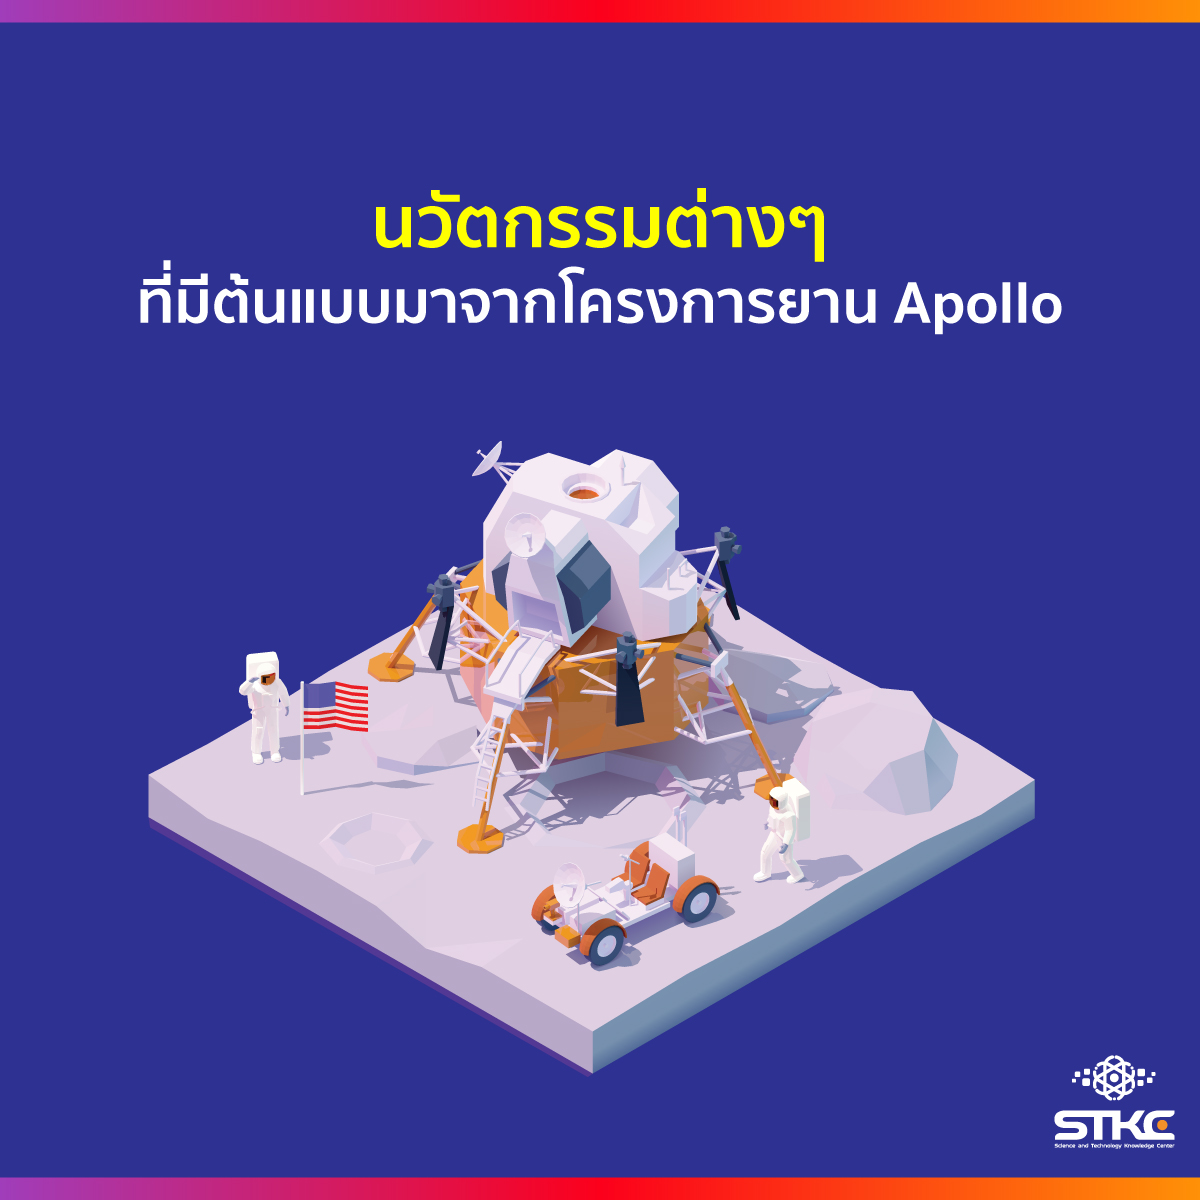 นวัตกรรมต่างๆ ที่มีต้นแบบมาจากโครงการยาน Apollo